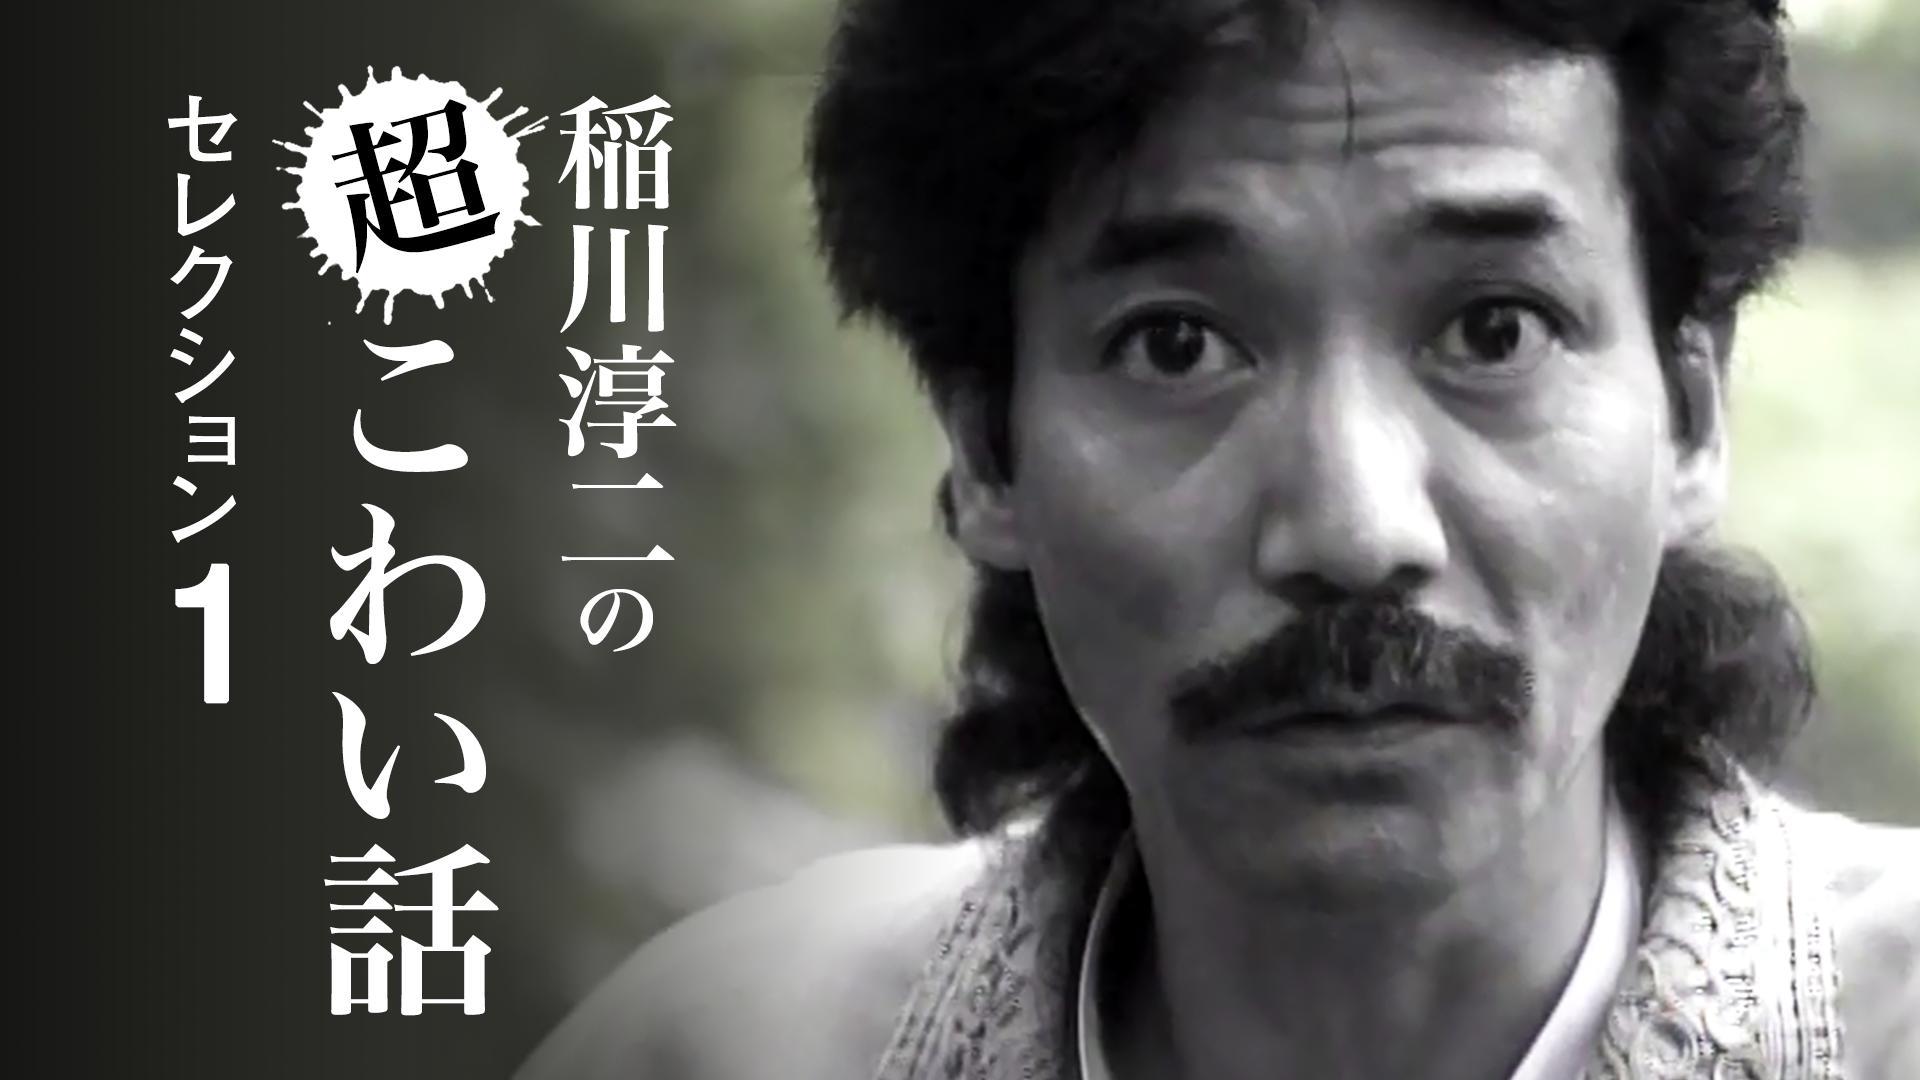 稲川淳二の超こわい話セレクション1